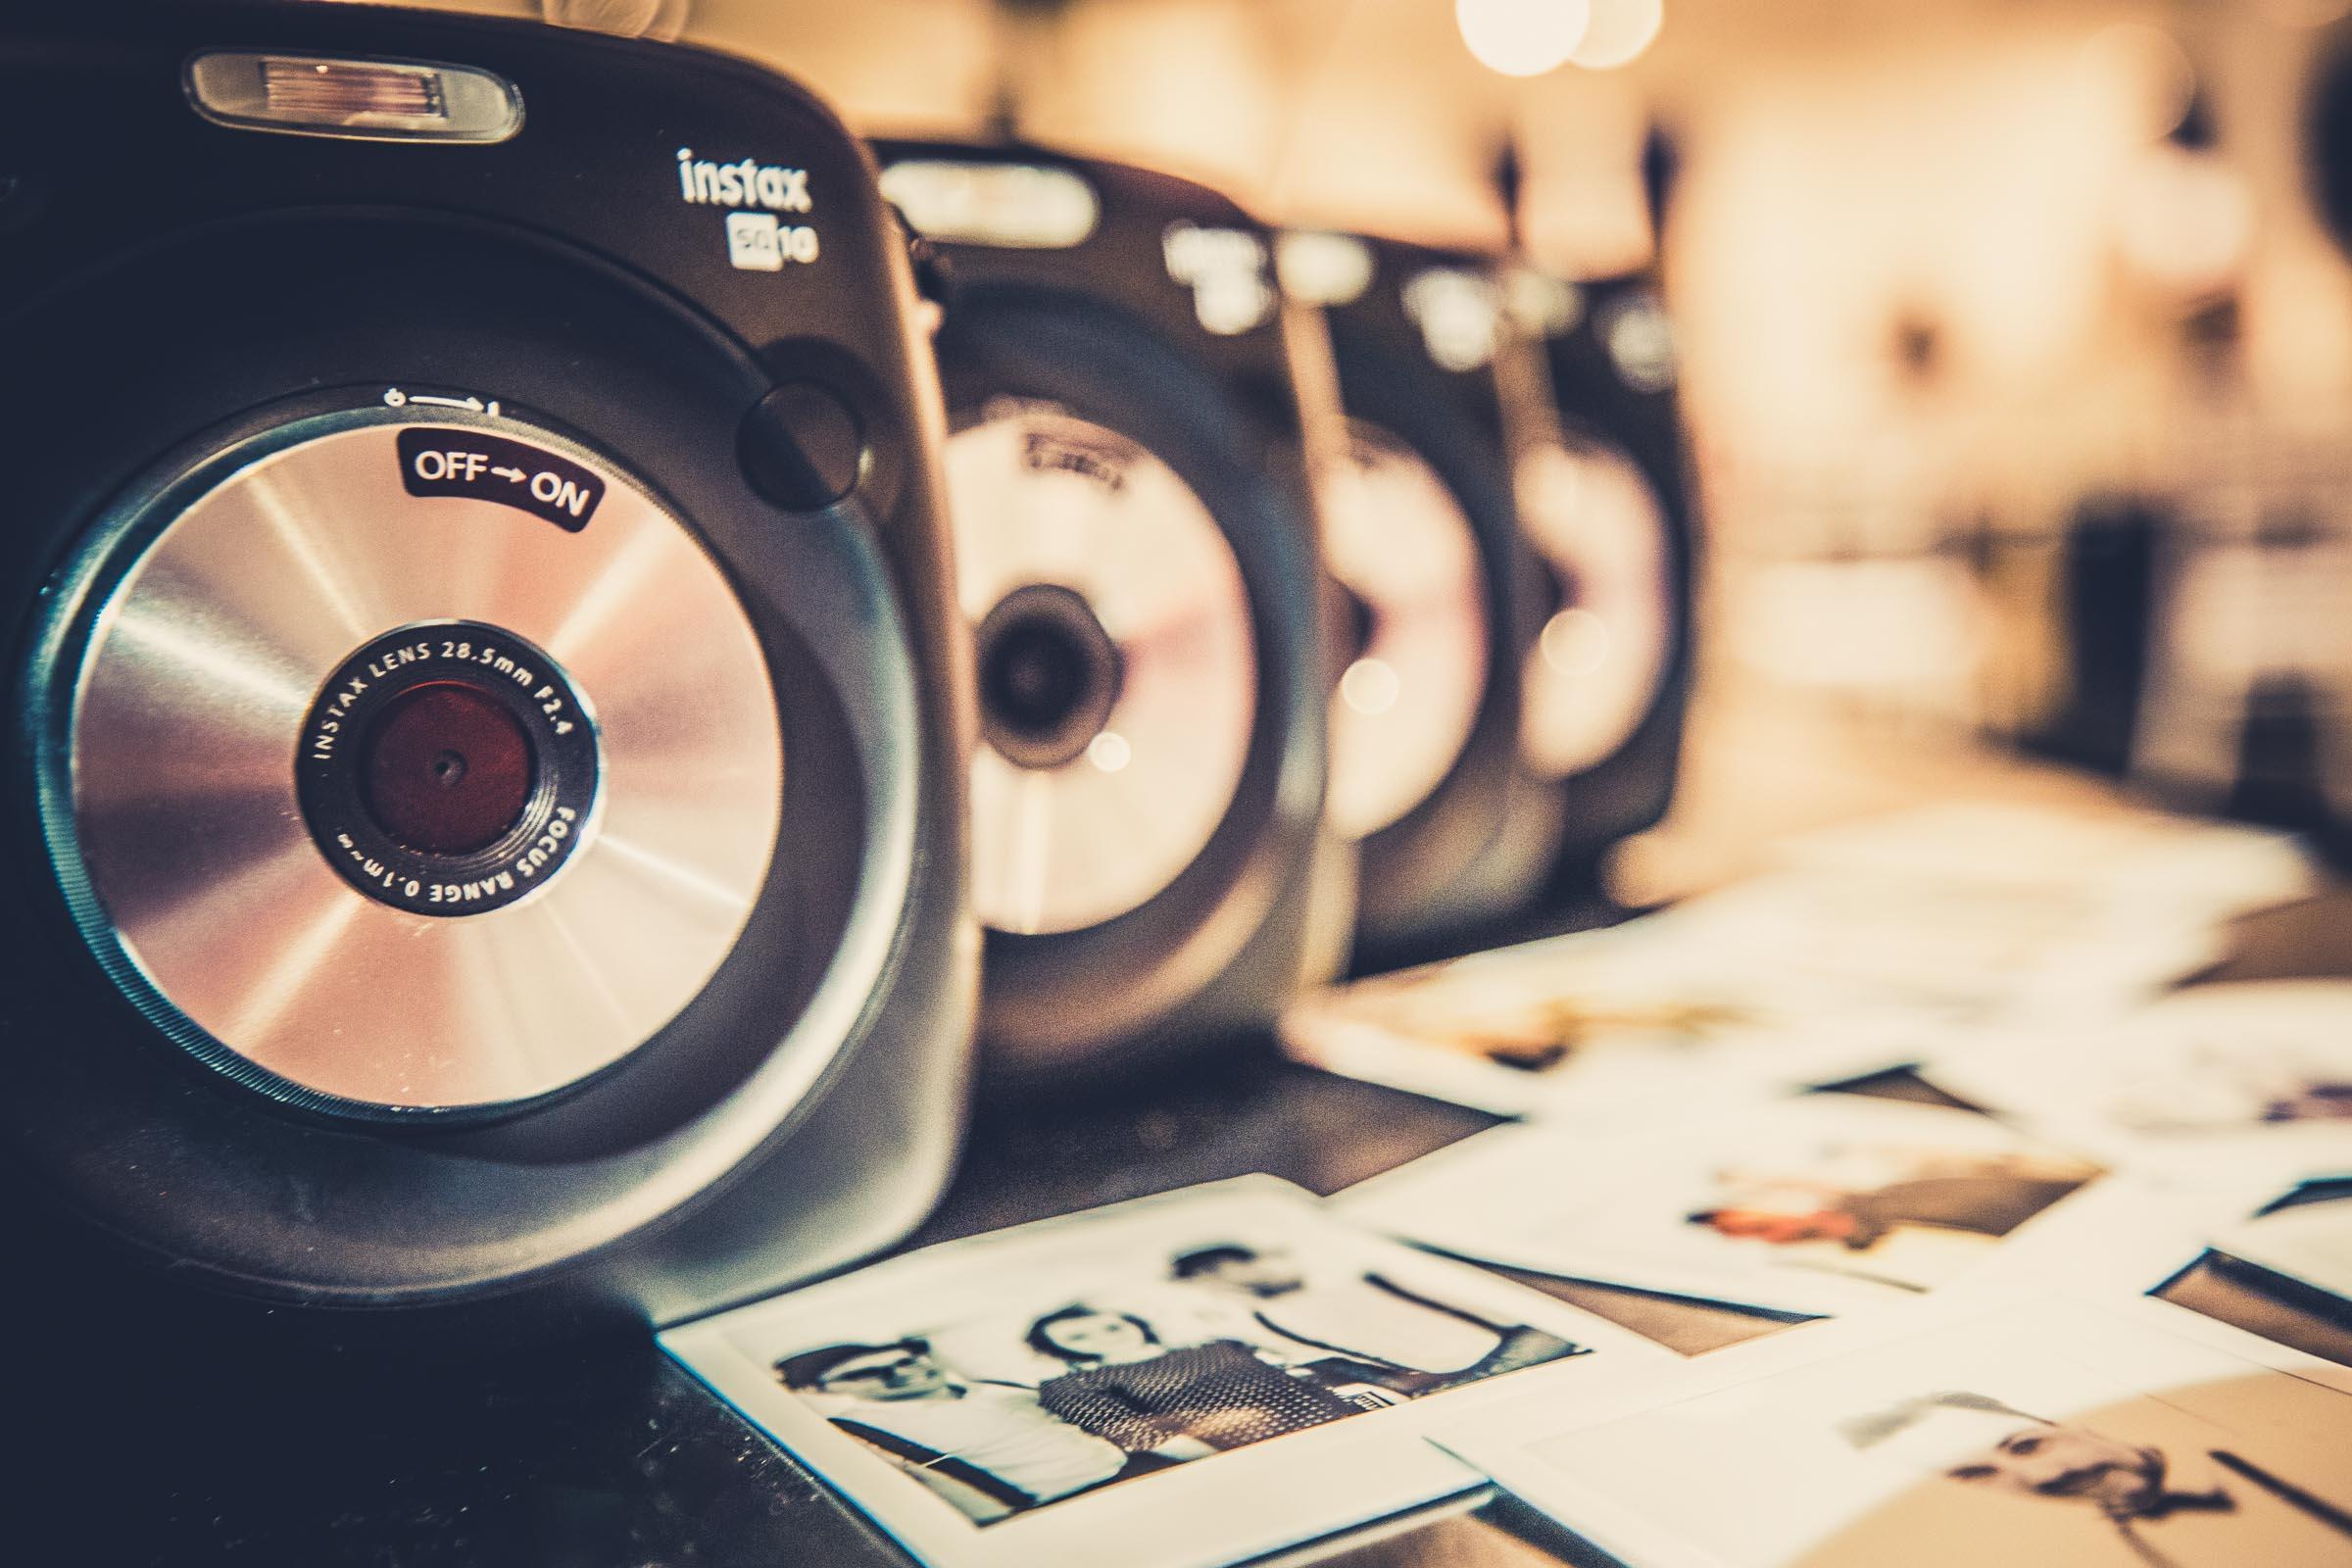 Polaroid | Koffer | Bilder | Instax | Mieten | Hochzeit | Wedding | Sofortbild | Retro | Knipsel